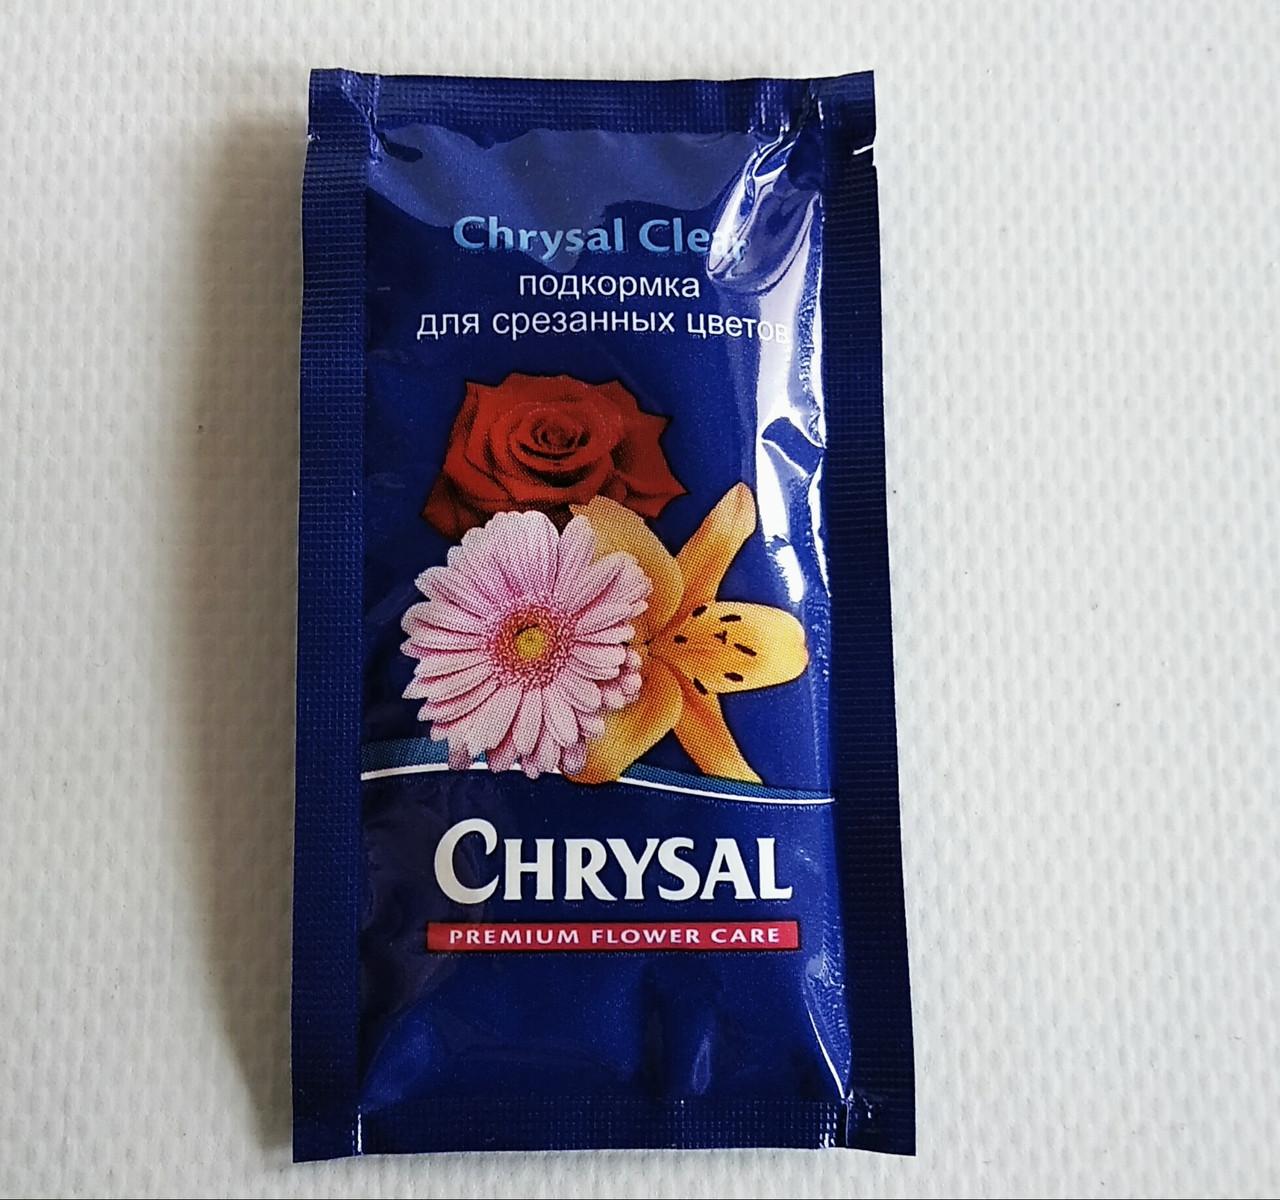 Универсальная подкормка порошок для срезанных цветов Chrysal на 1л